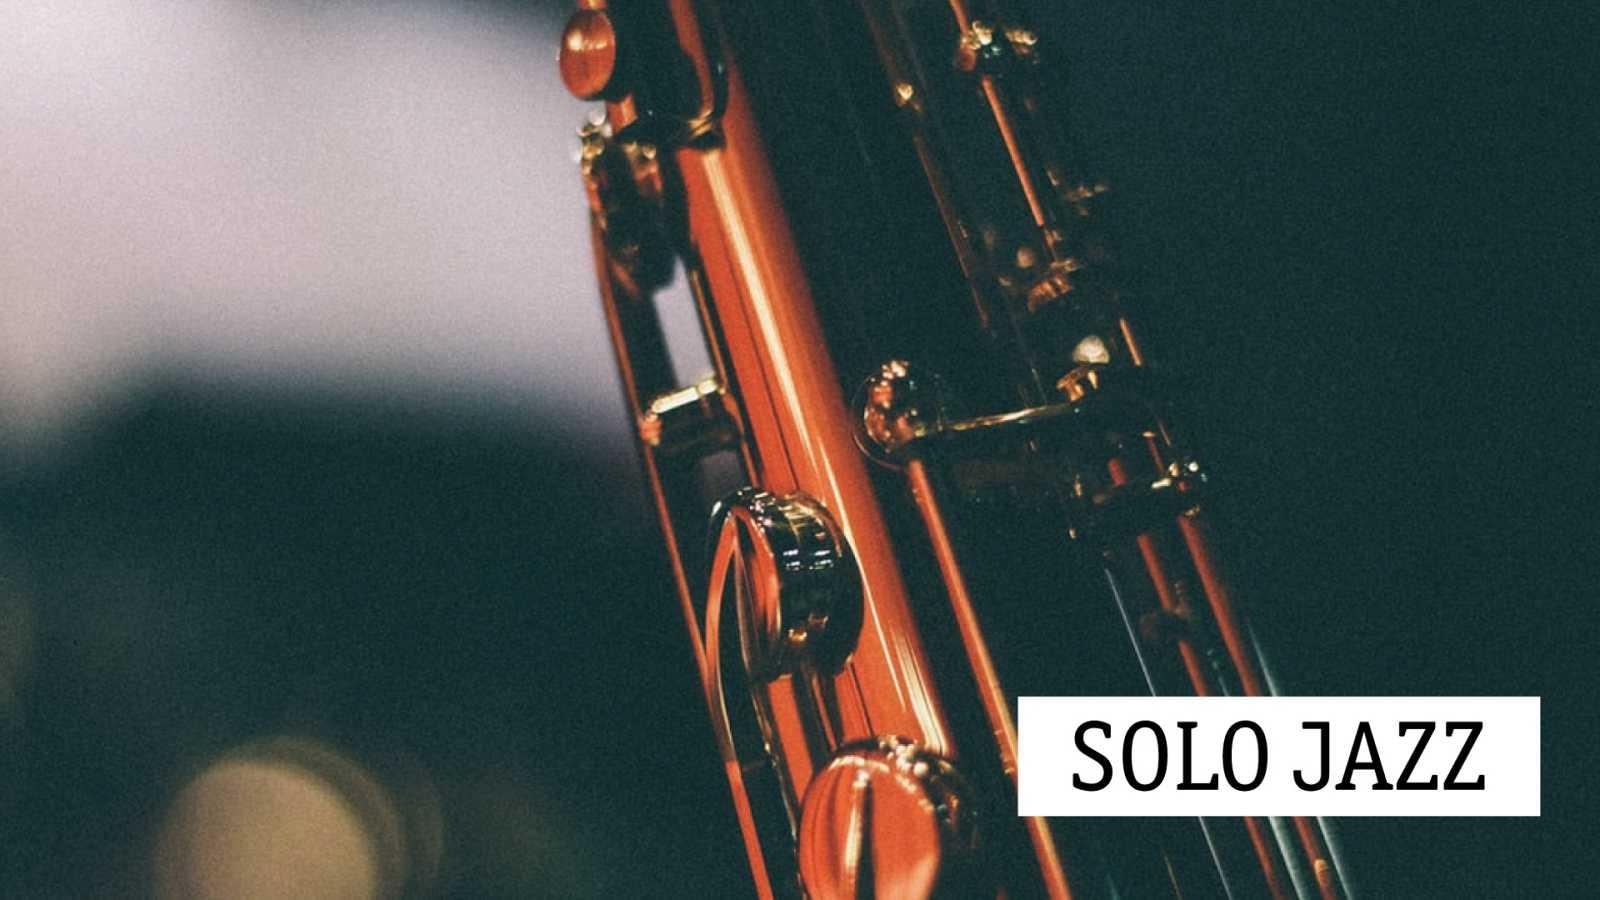 Solo jazz - Jackie McLean, un refugio a la intemperie - 02/12/20 - escuchar ahora